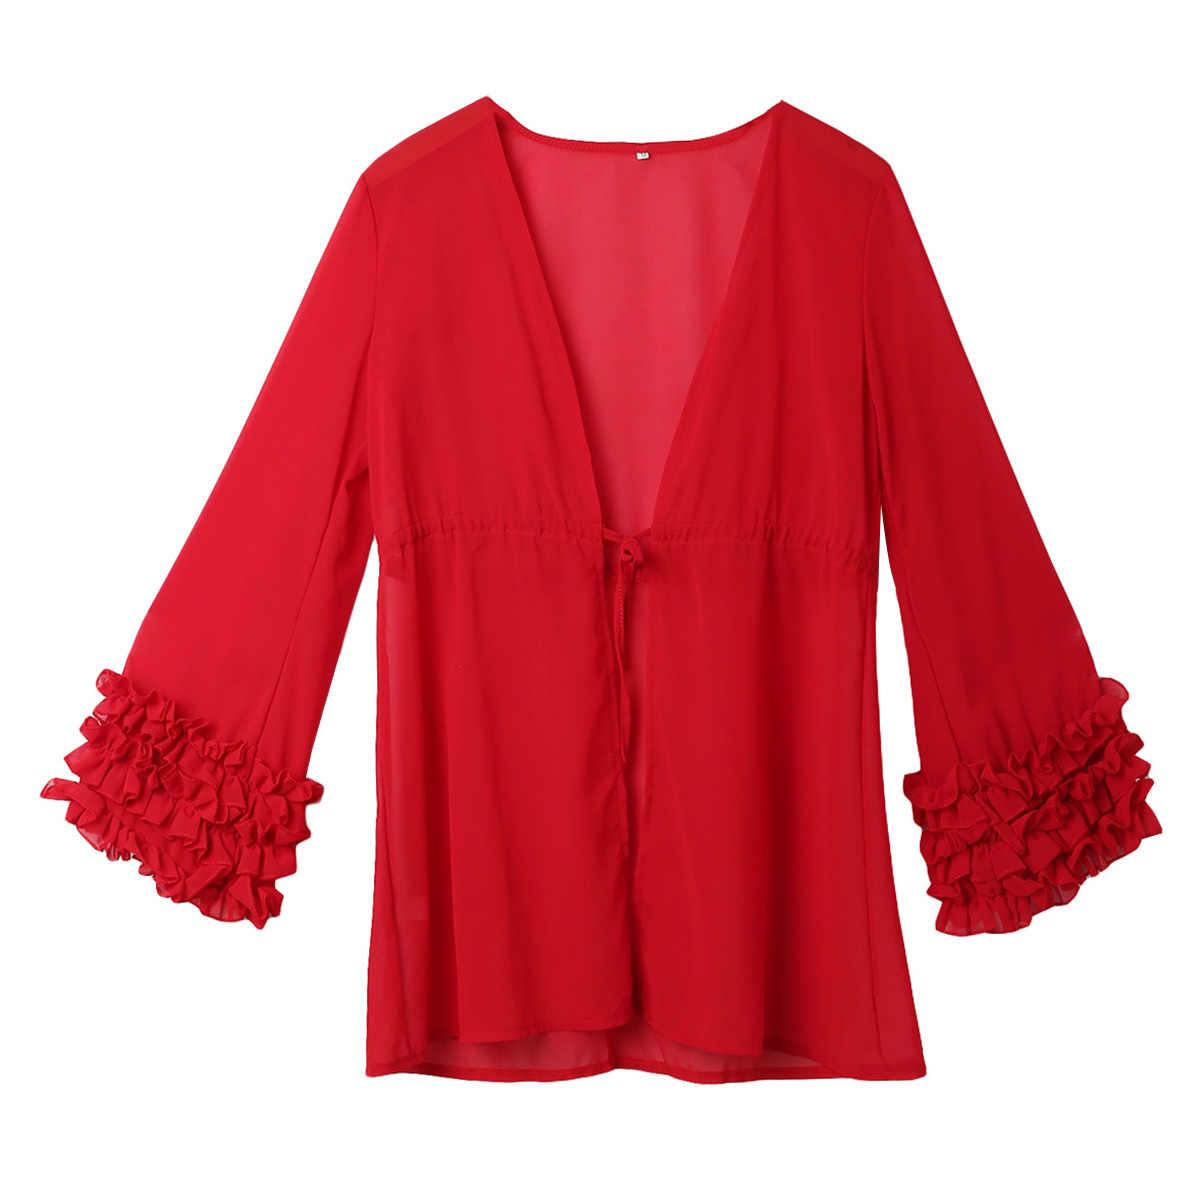 נשים קיץ מכירה לוהטת הכי חדש סגנון ארוך שרוול בגדי ים חוף אופנה שמלת 5 צבעים מוצק גודל S-XL